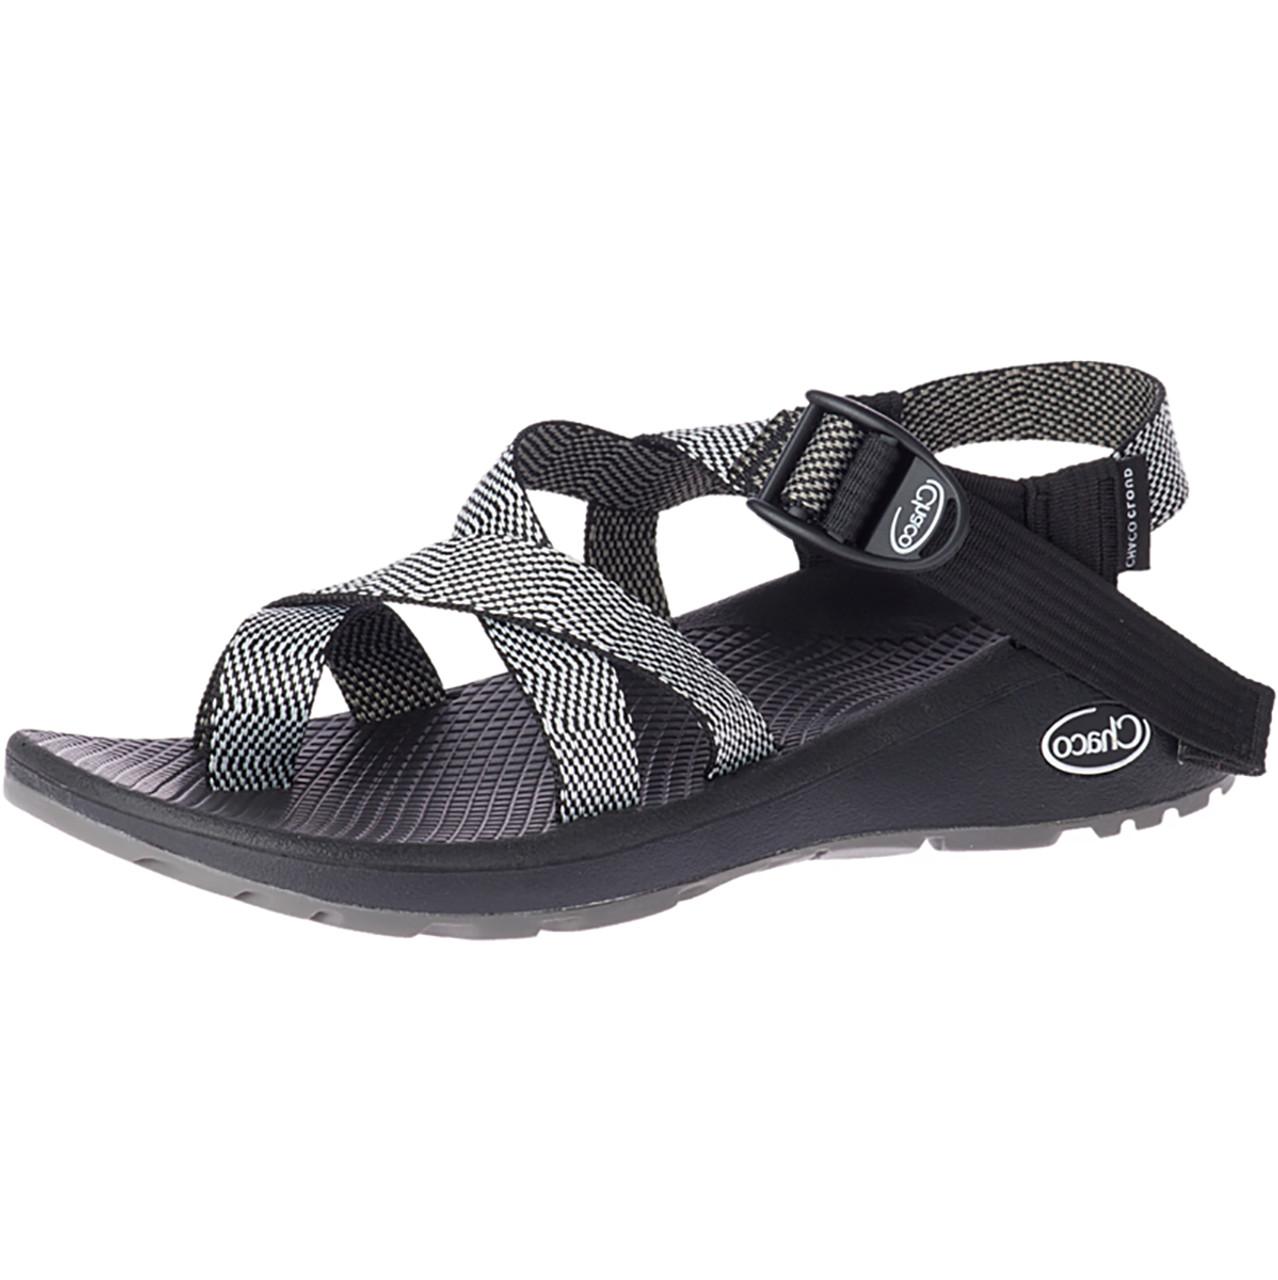 ZCloud 2 Sandals - Excite Black \u0026 White